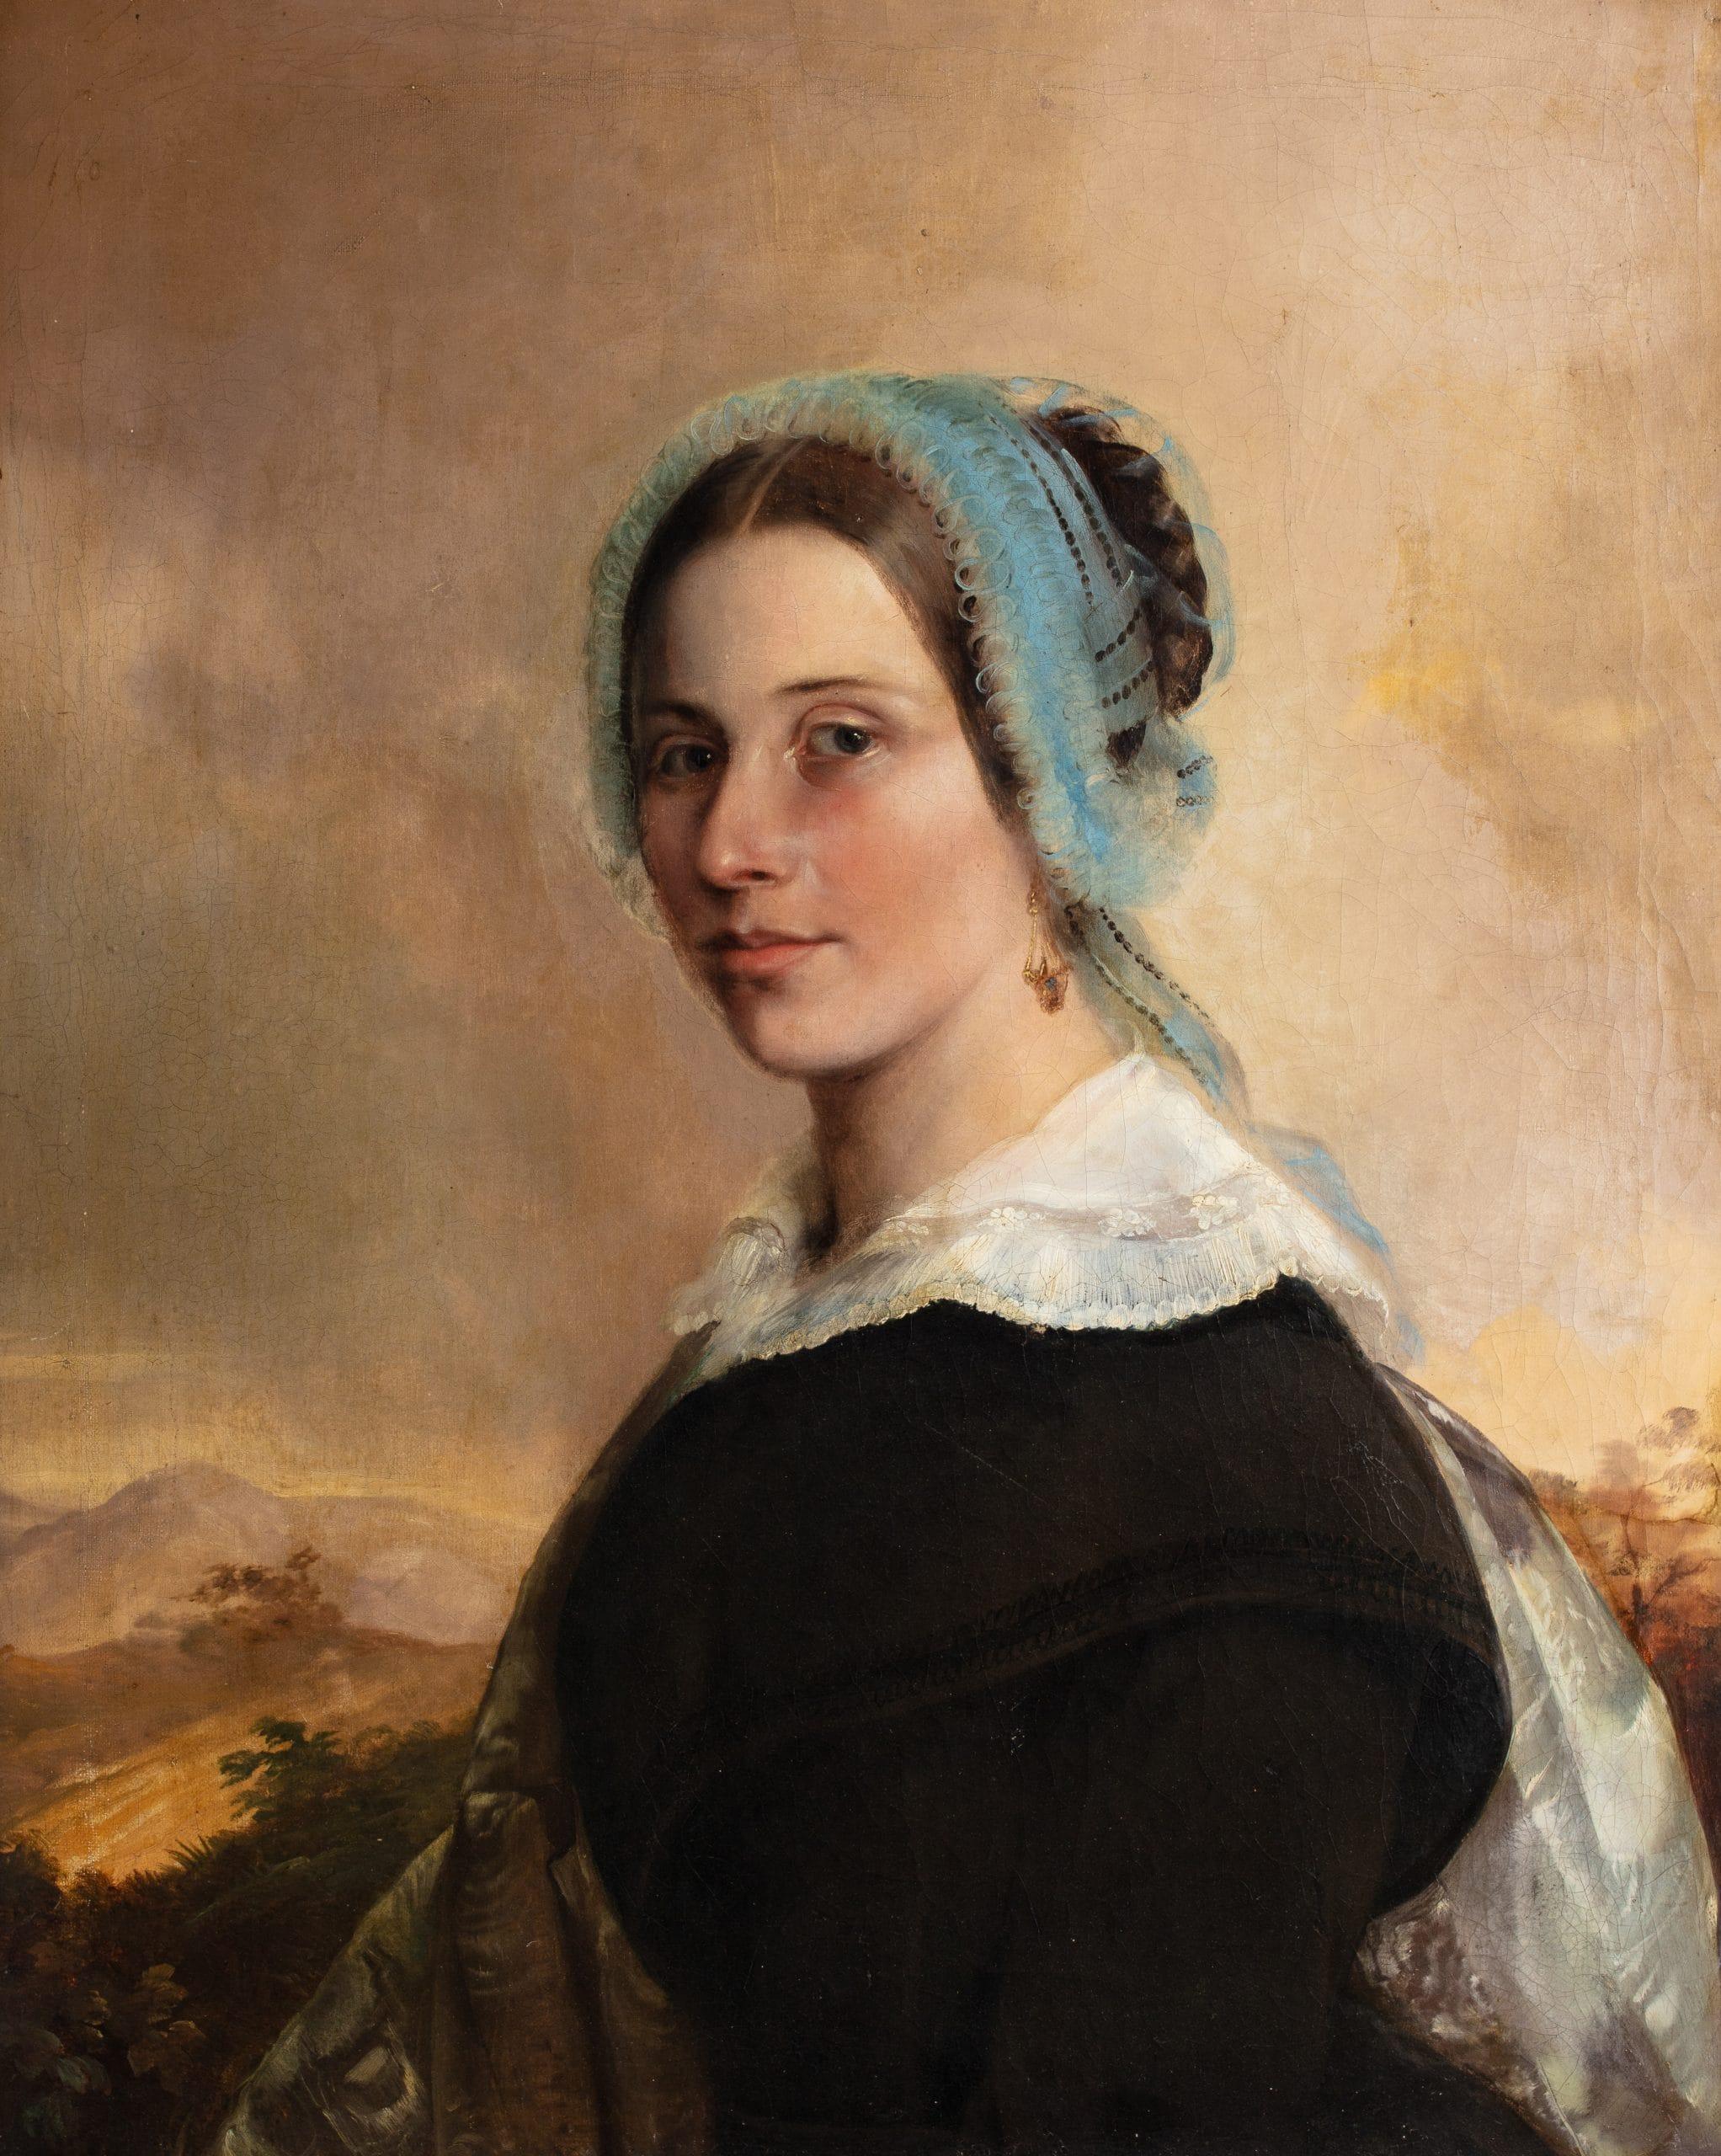 Ismeretlen festő: Biedermeier női képmás